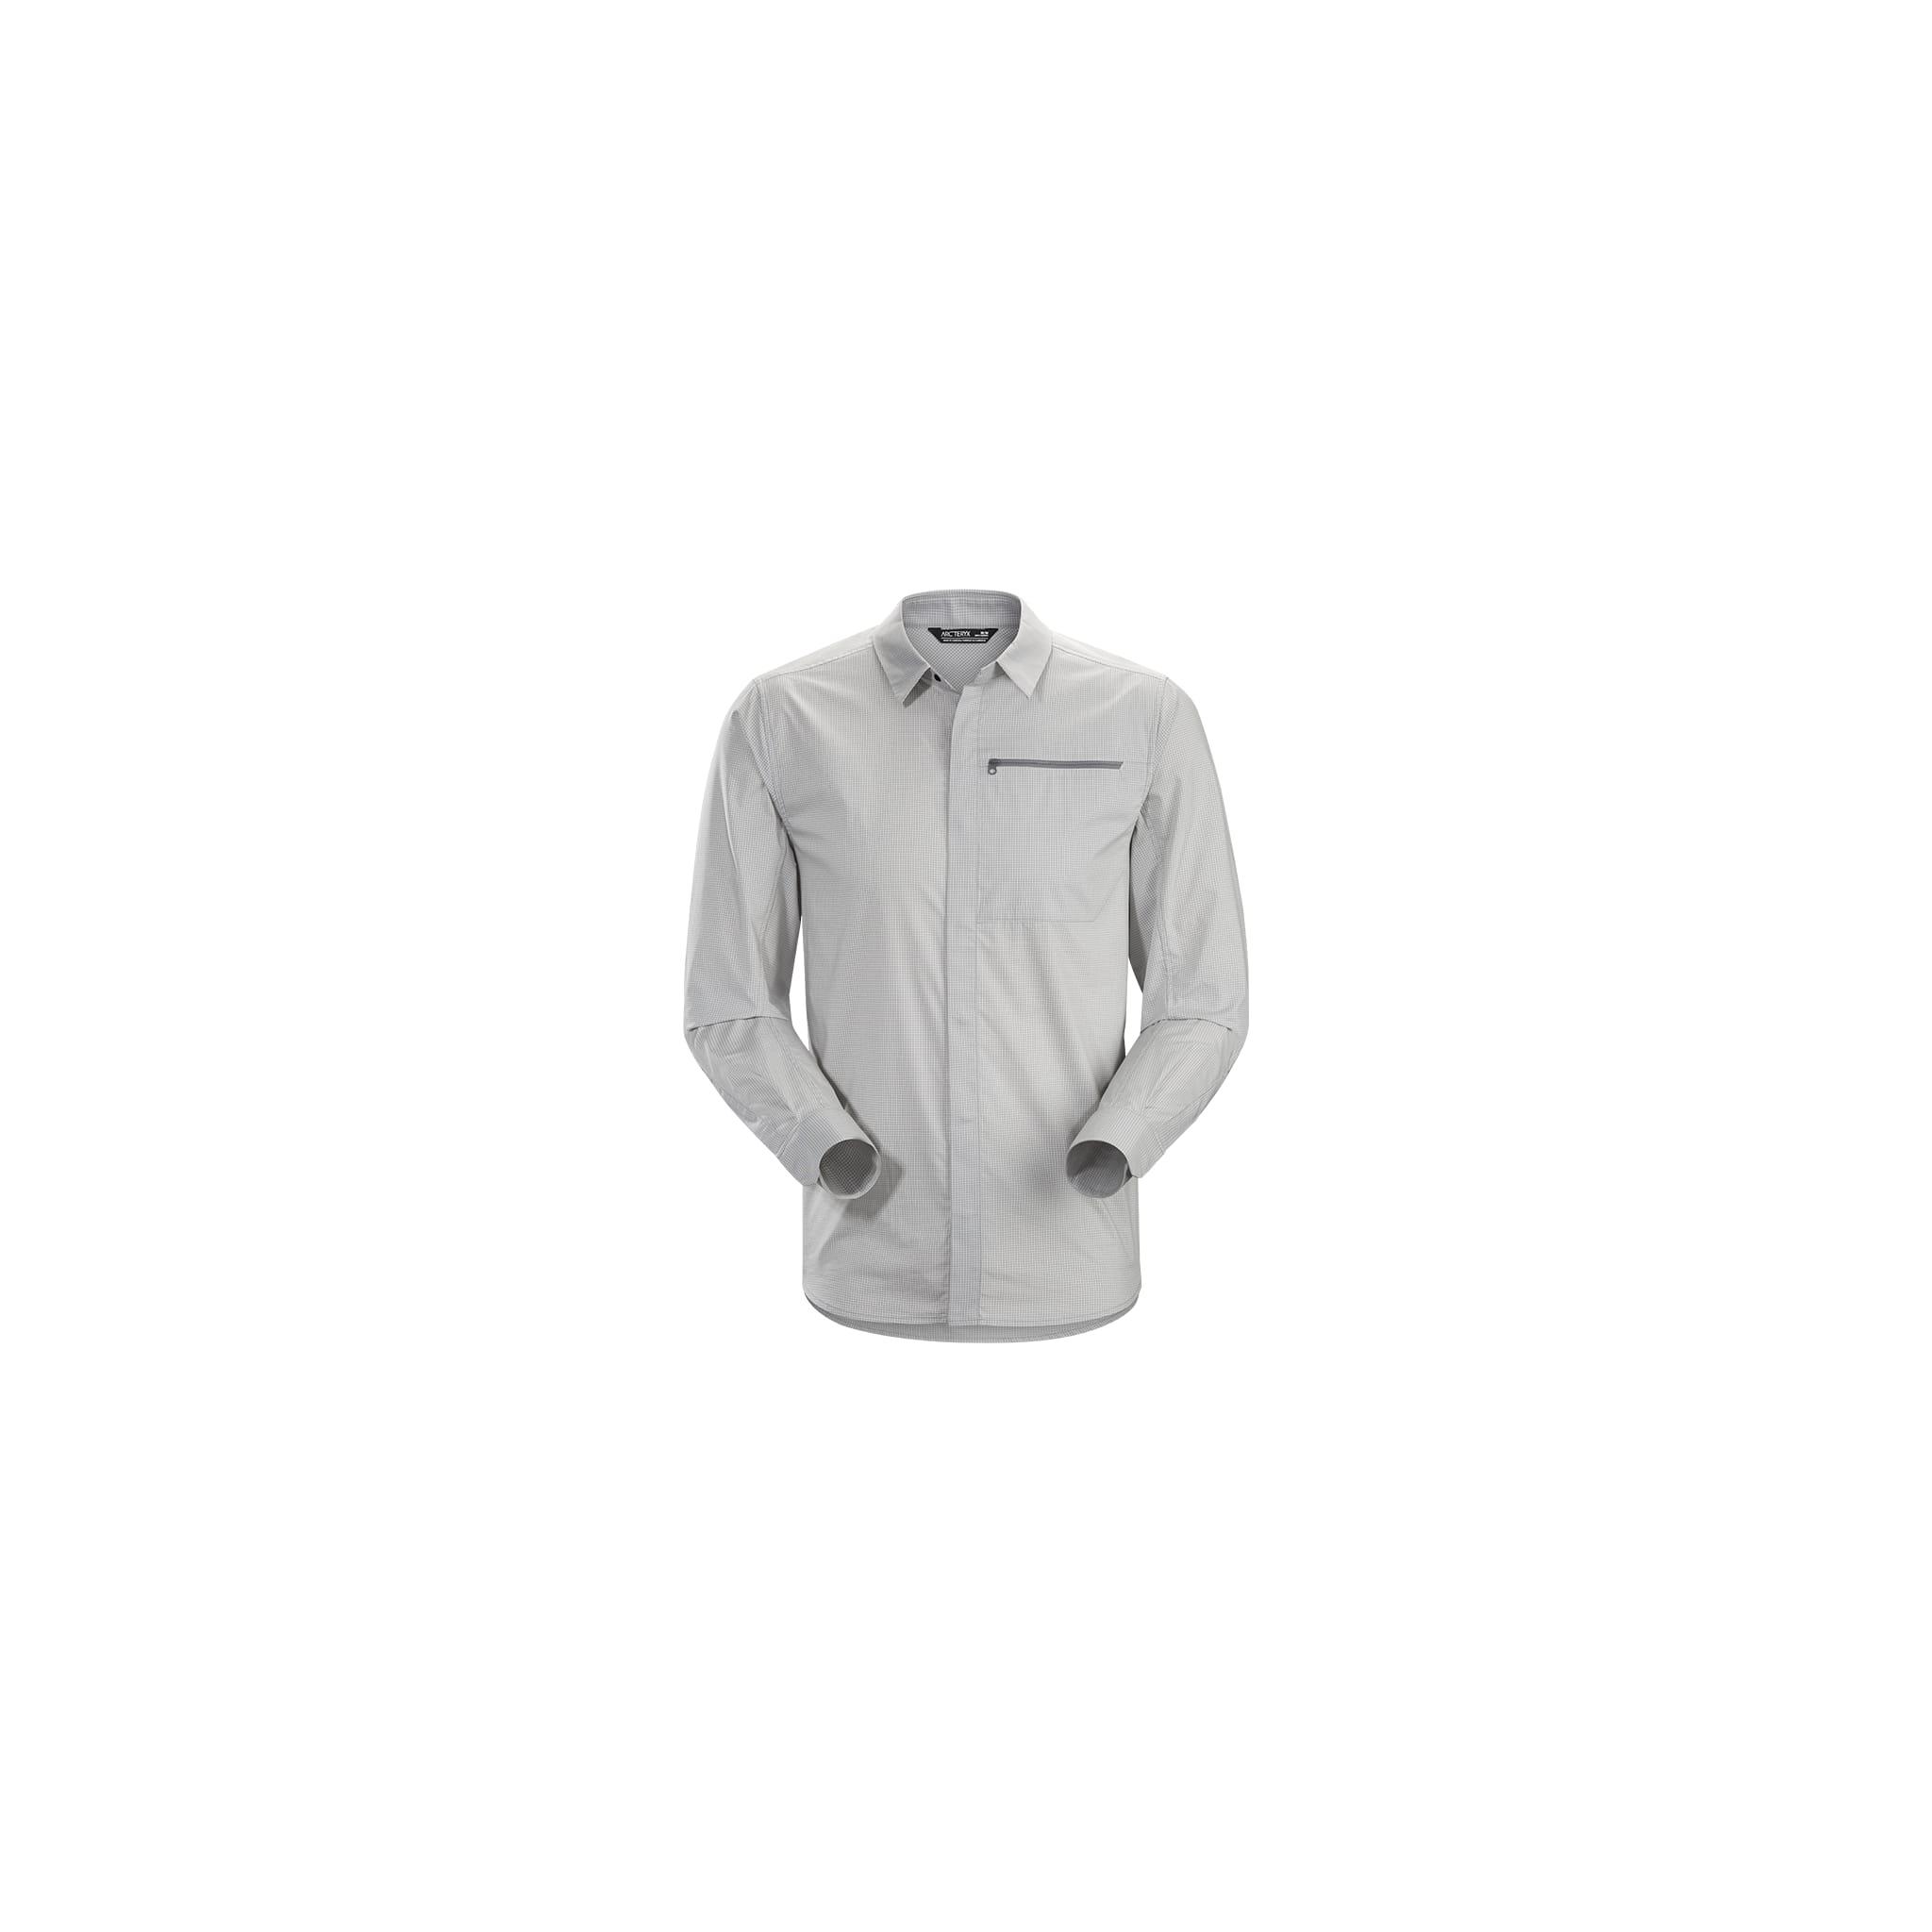 Lett langermet skjorte perfekt til bruk i varmt vær